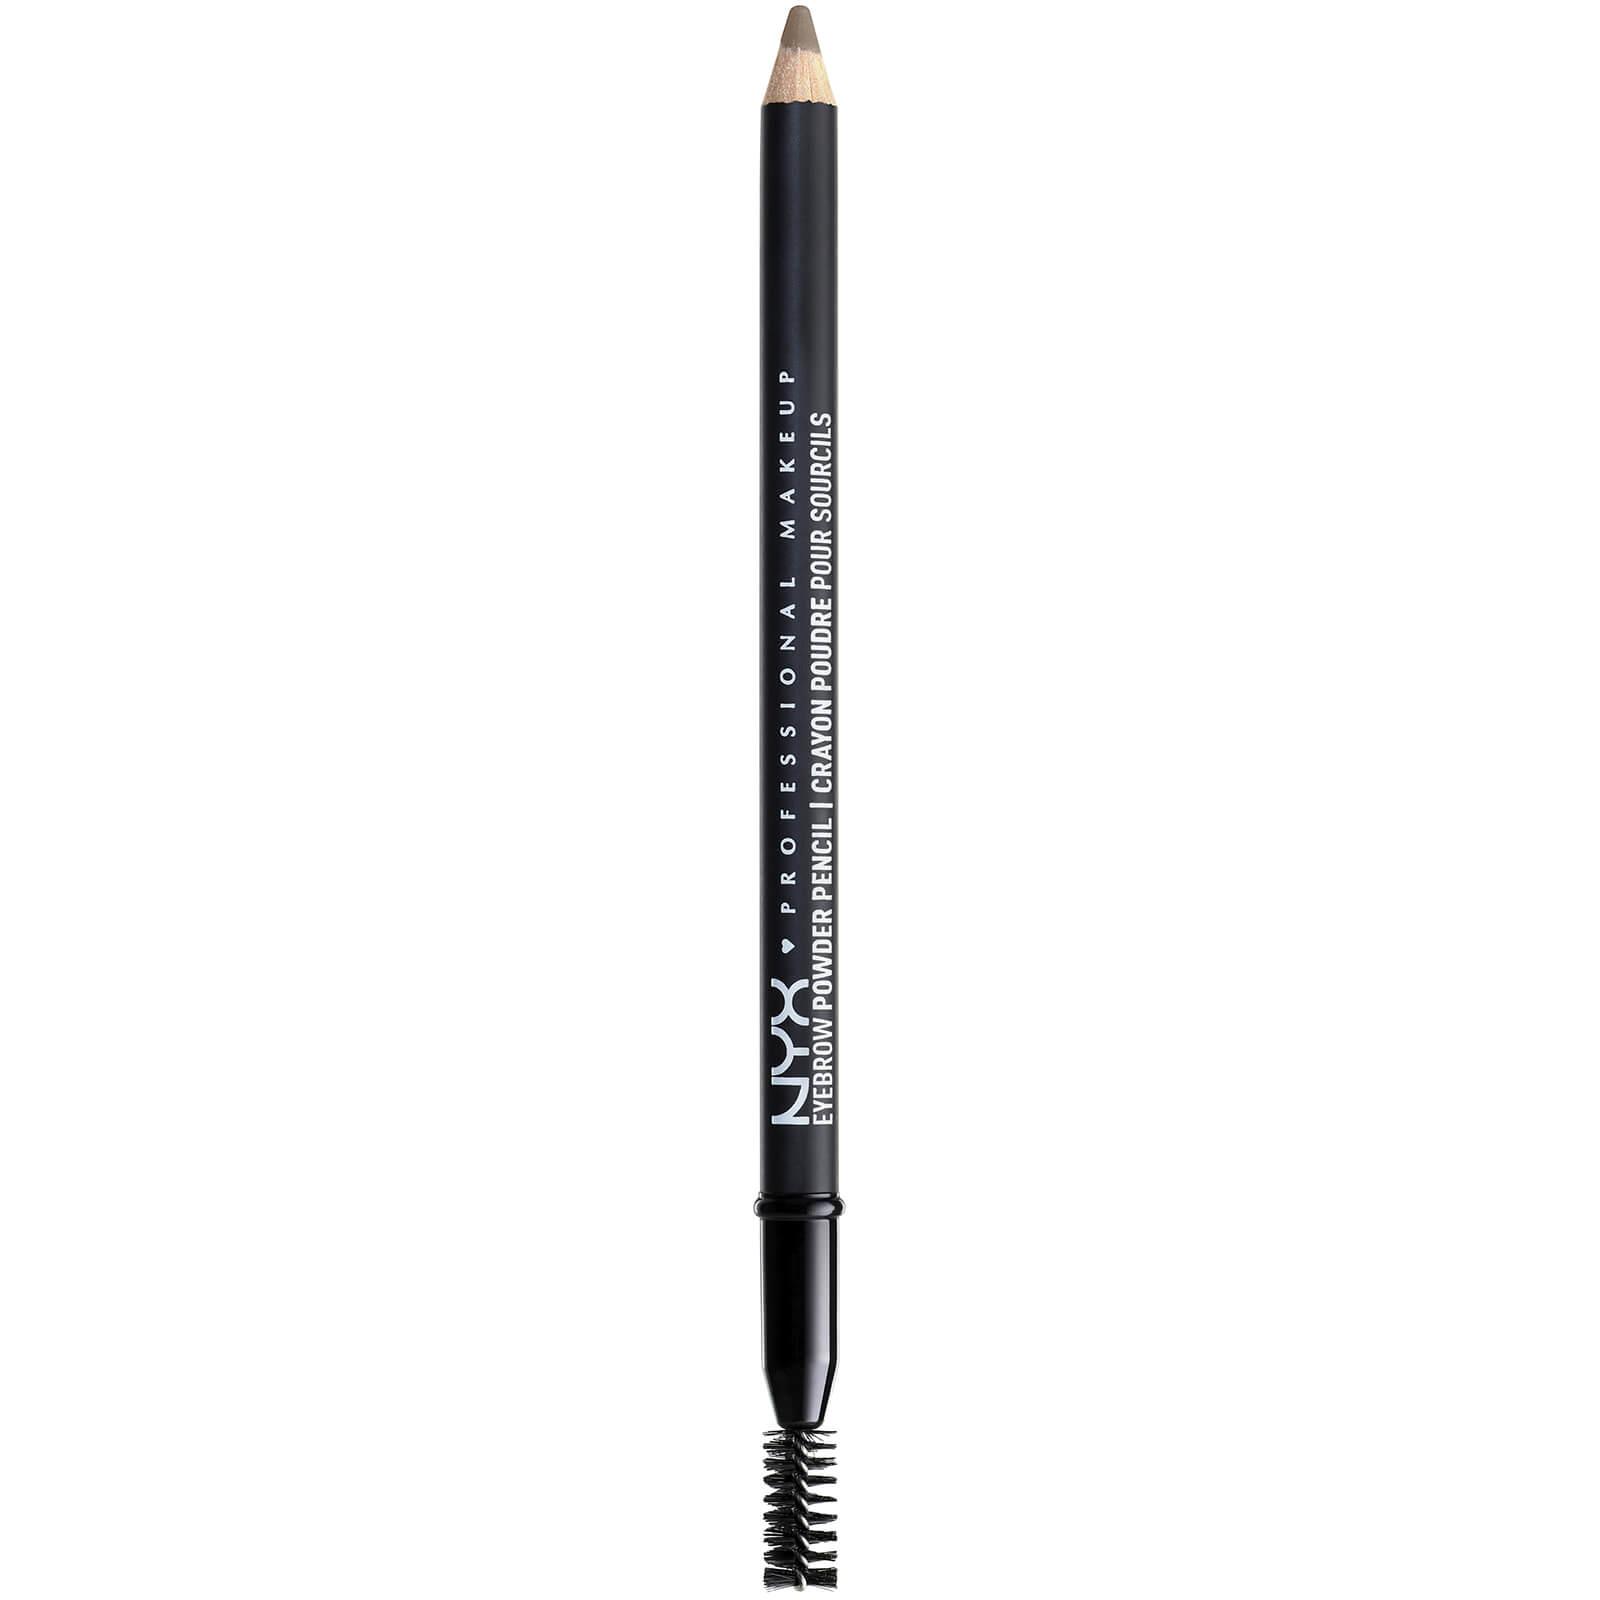 Купить Пудровый карандаш для бровей NYX Professional Makeup Eyebrow Powder Pencil (различные оттенки) - Ash Brown